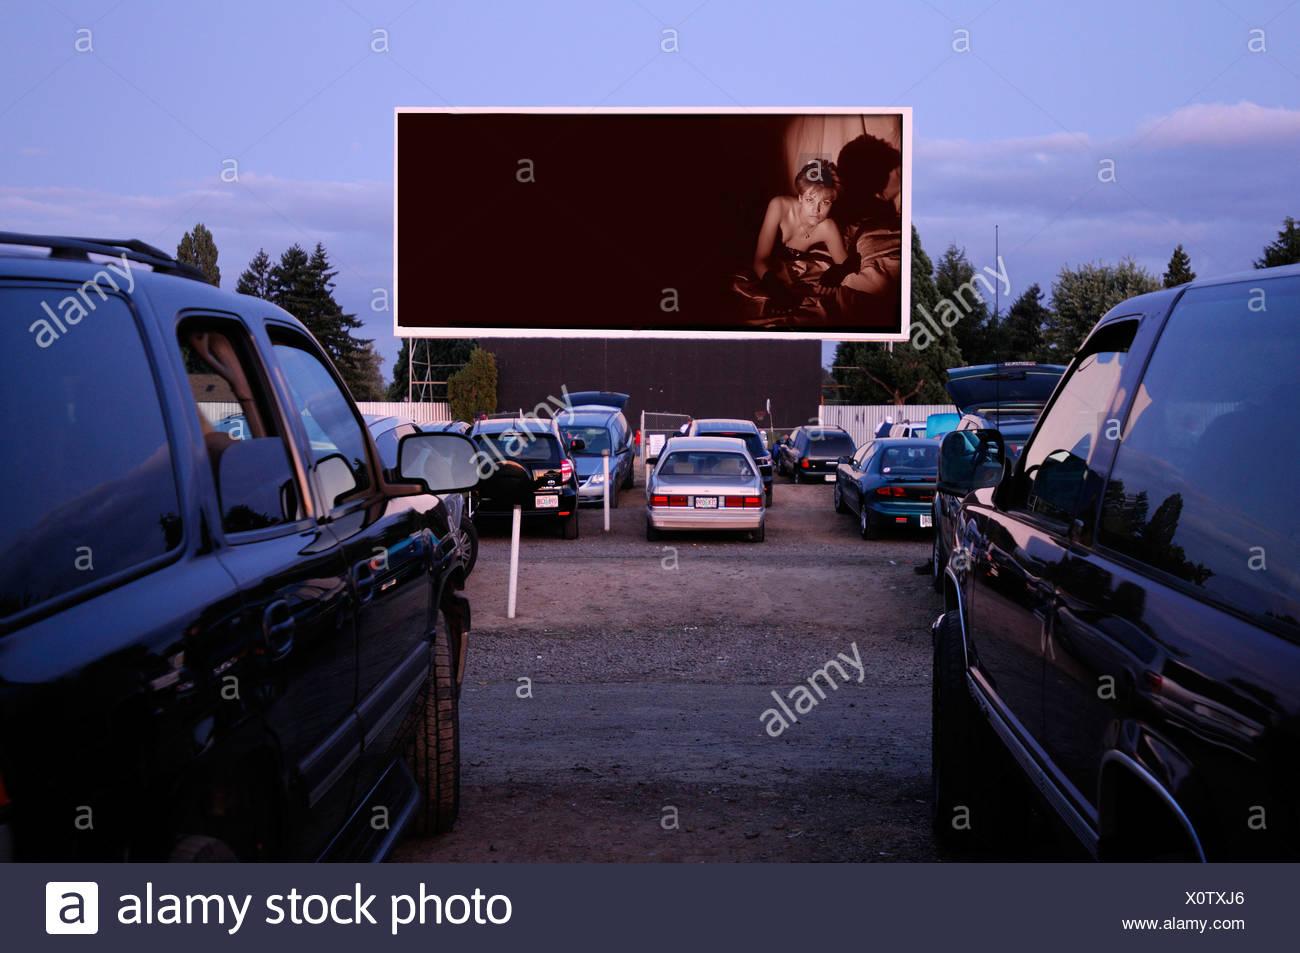 Motor Vu fahren In Dallas Oregon USA Kino parkende Autos Stockbild